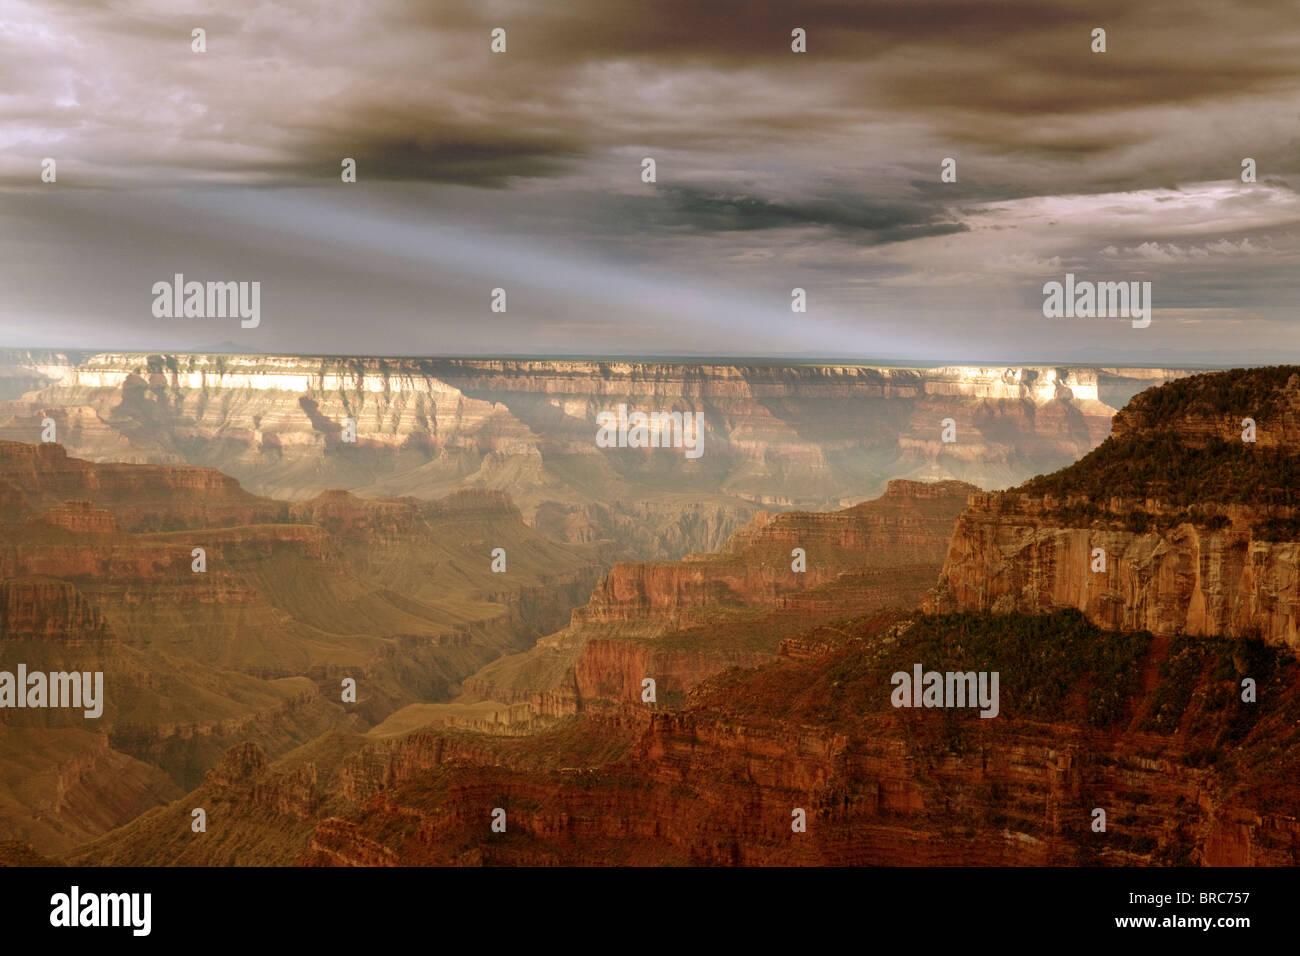 grand-canyon-at-sunrise-north-rim-arizona-usa-BRC757.jpg